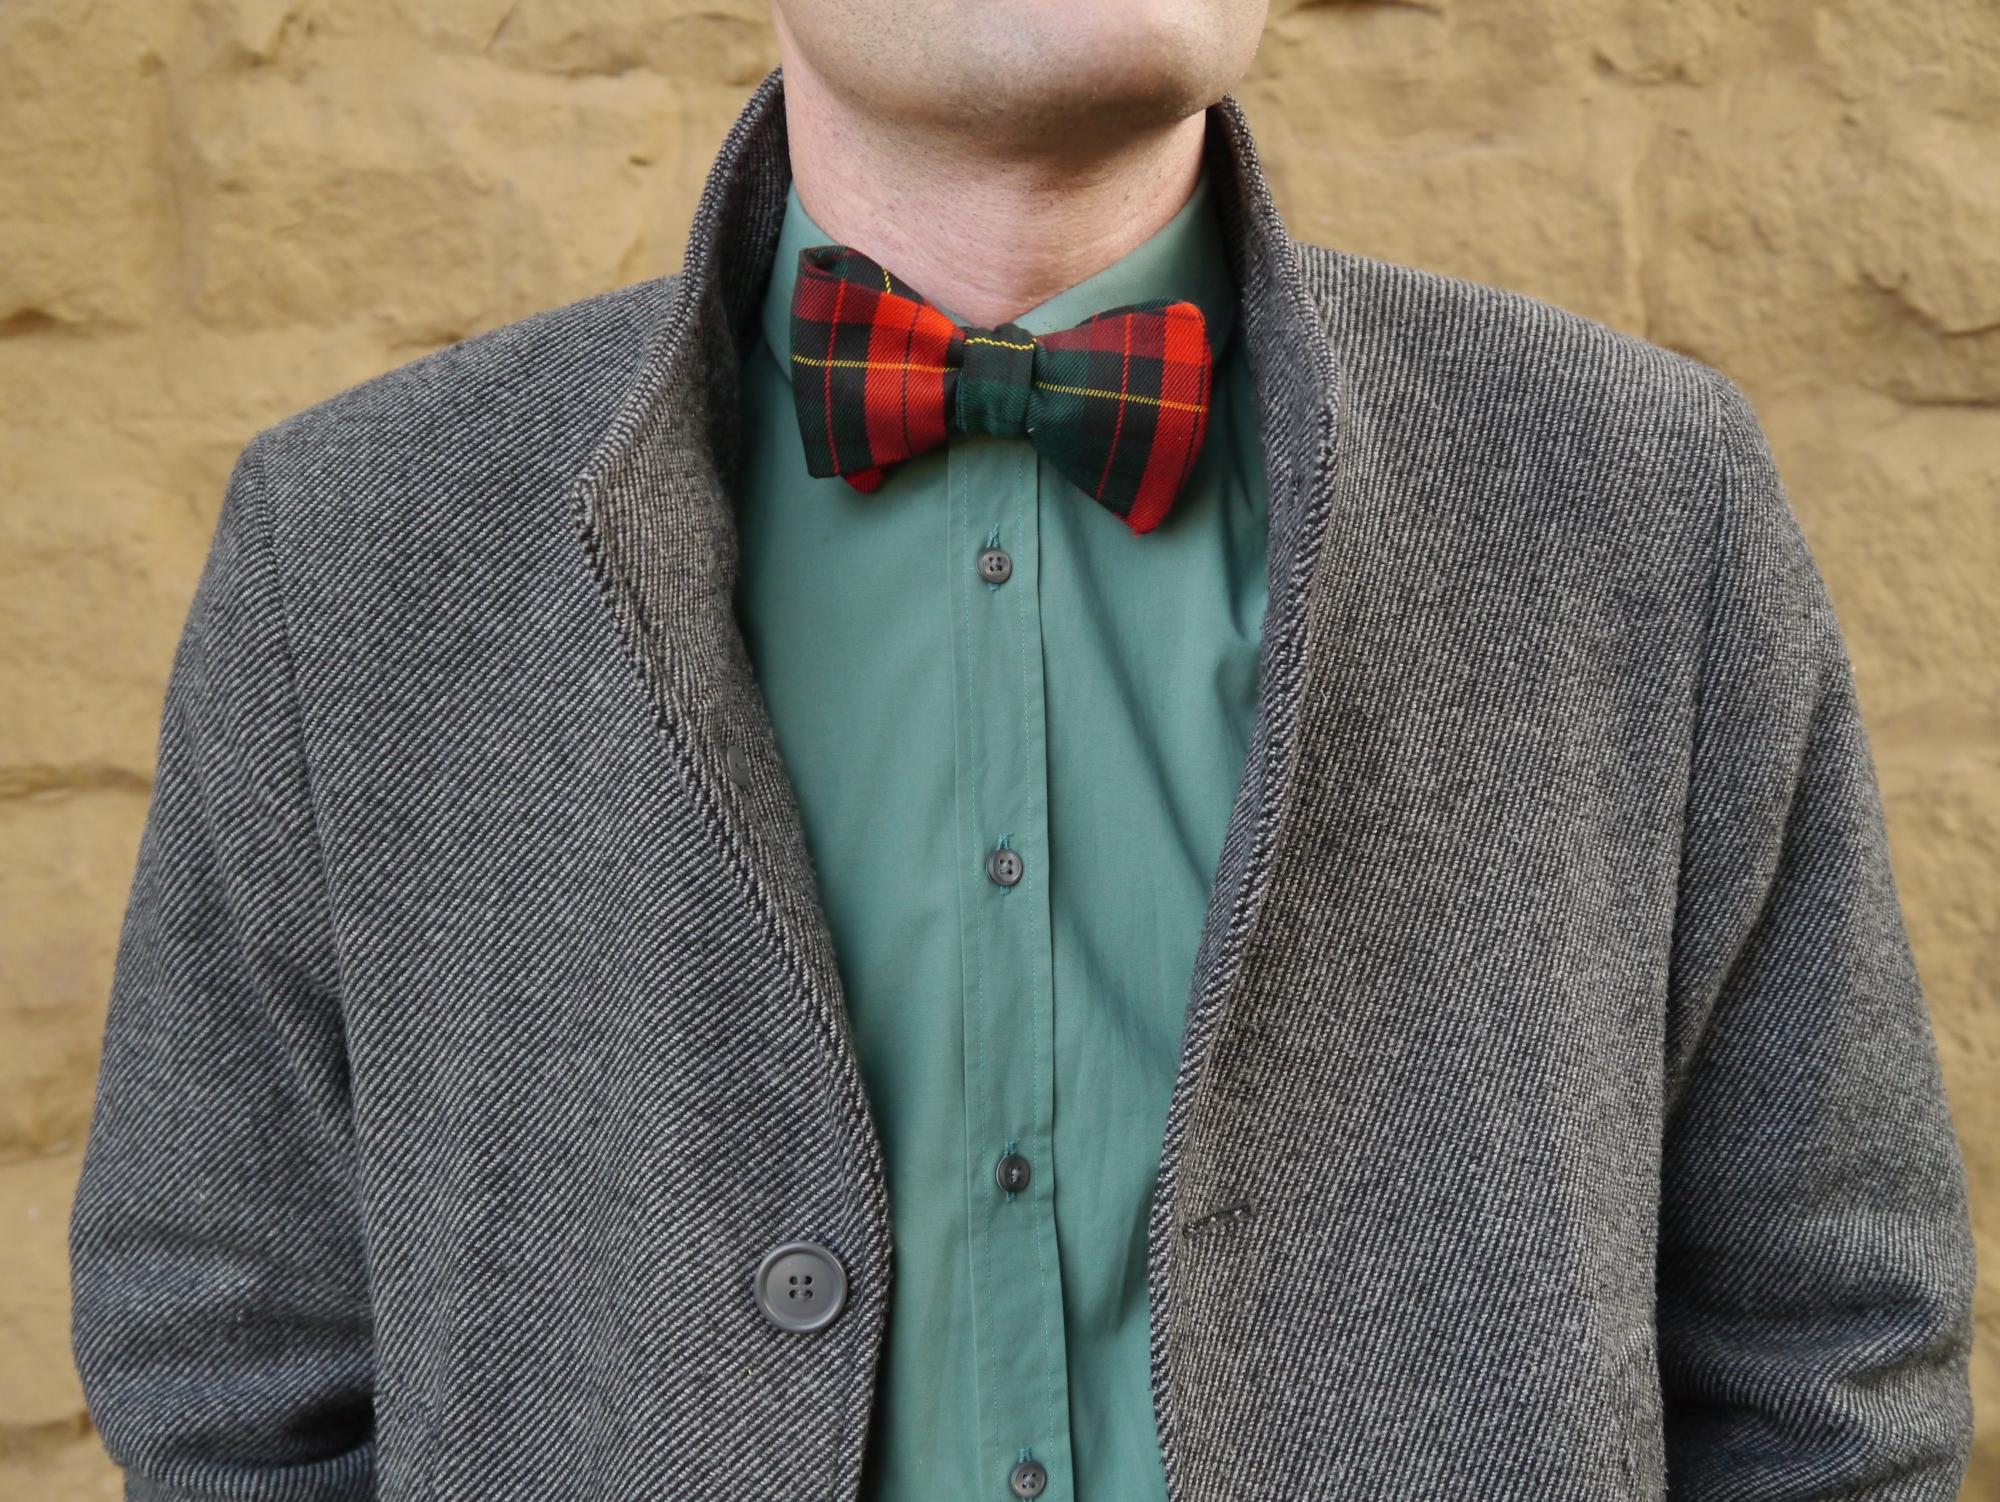 weihnachtsfliege winterfliege grün rote fliege zum selberbinden auf grünes hemd und mantel